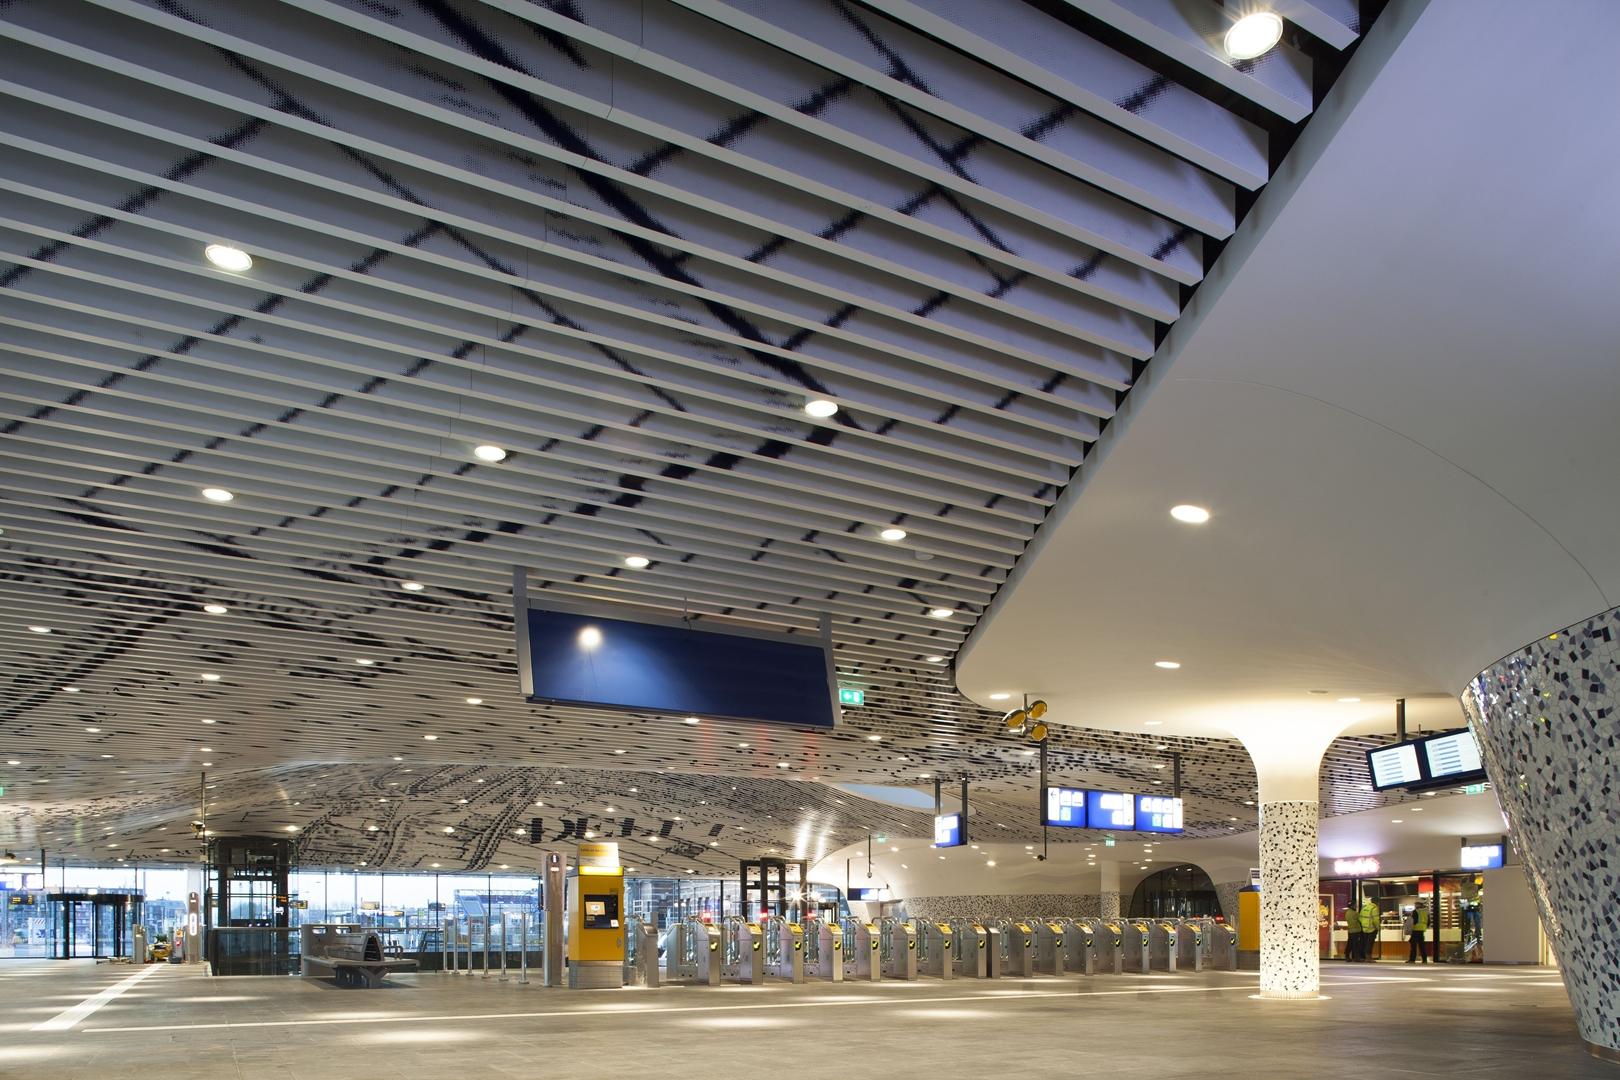 Foto Mecanoo_Stationshal Delft_02 (Copy)